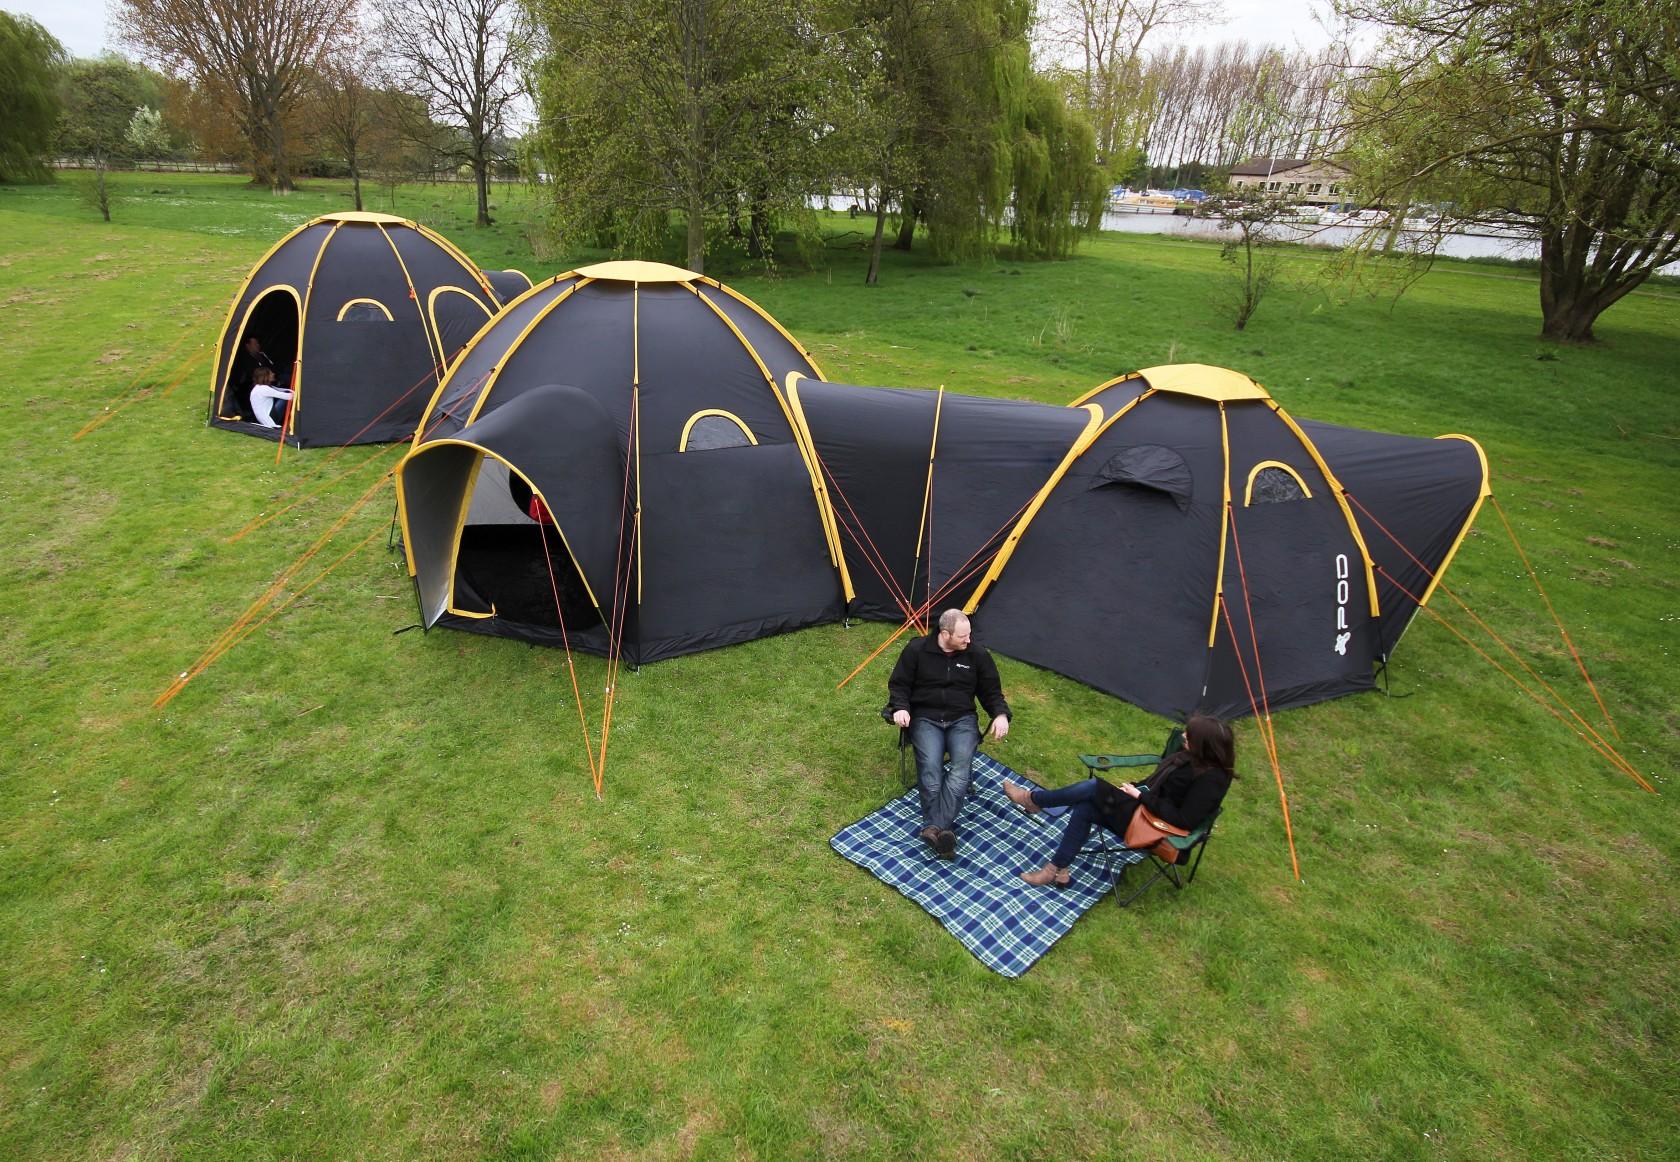 & Yep Thatu0027s An Infinity Tent